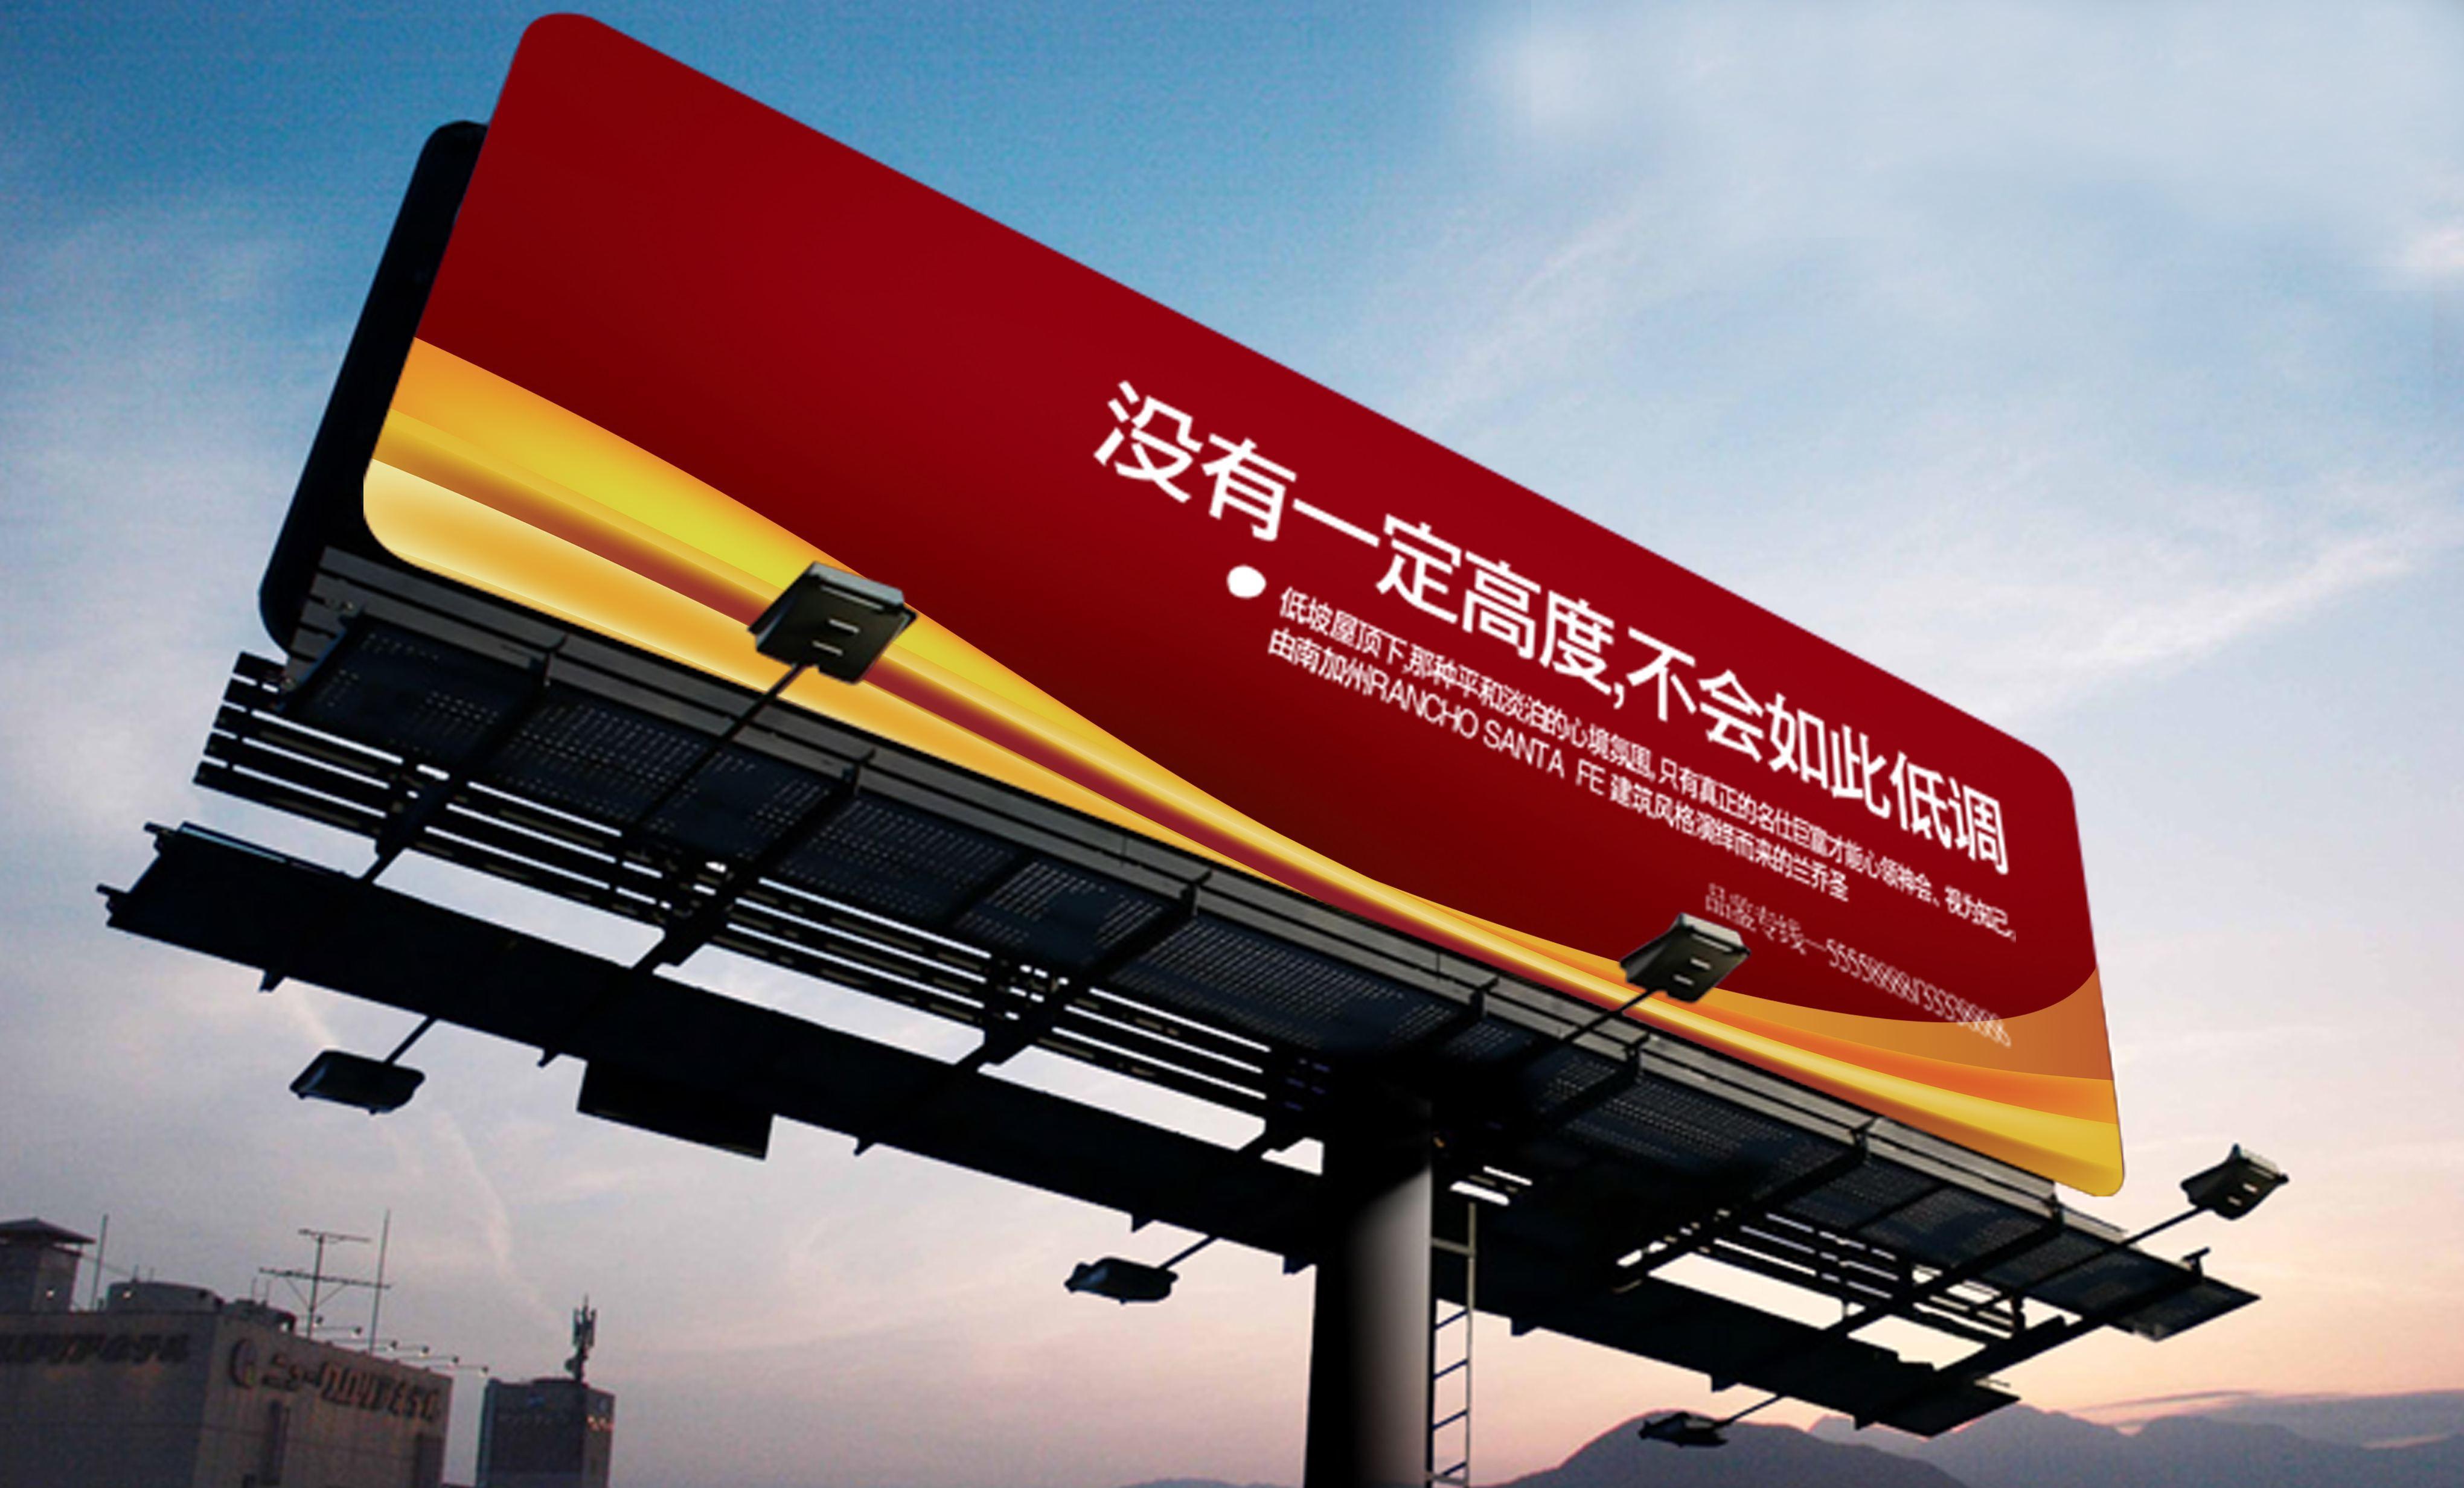 户外广告设计注意事项